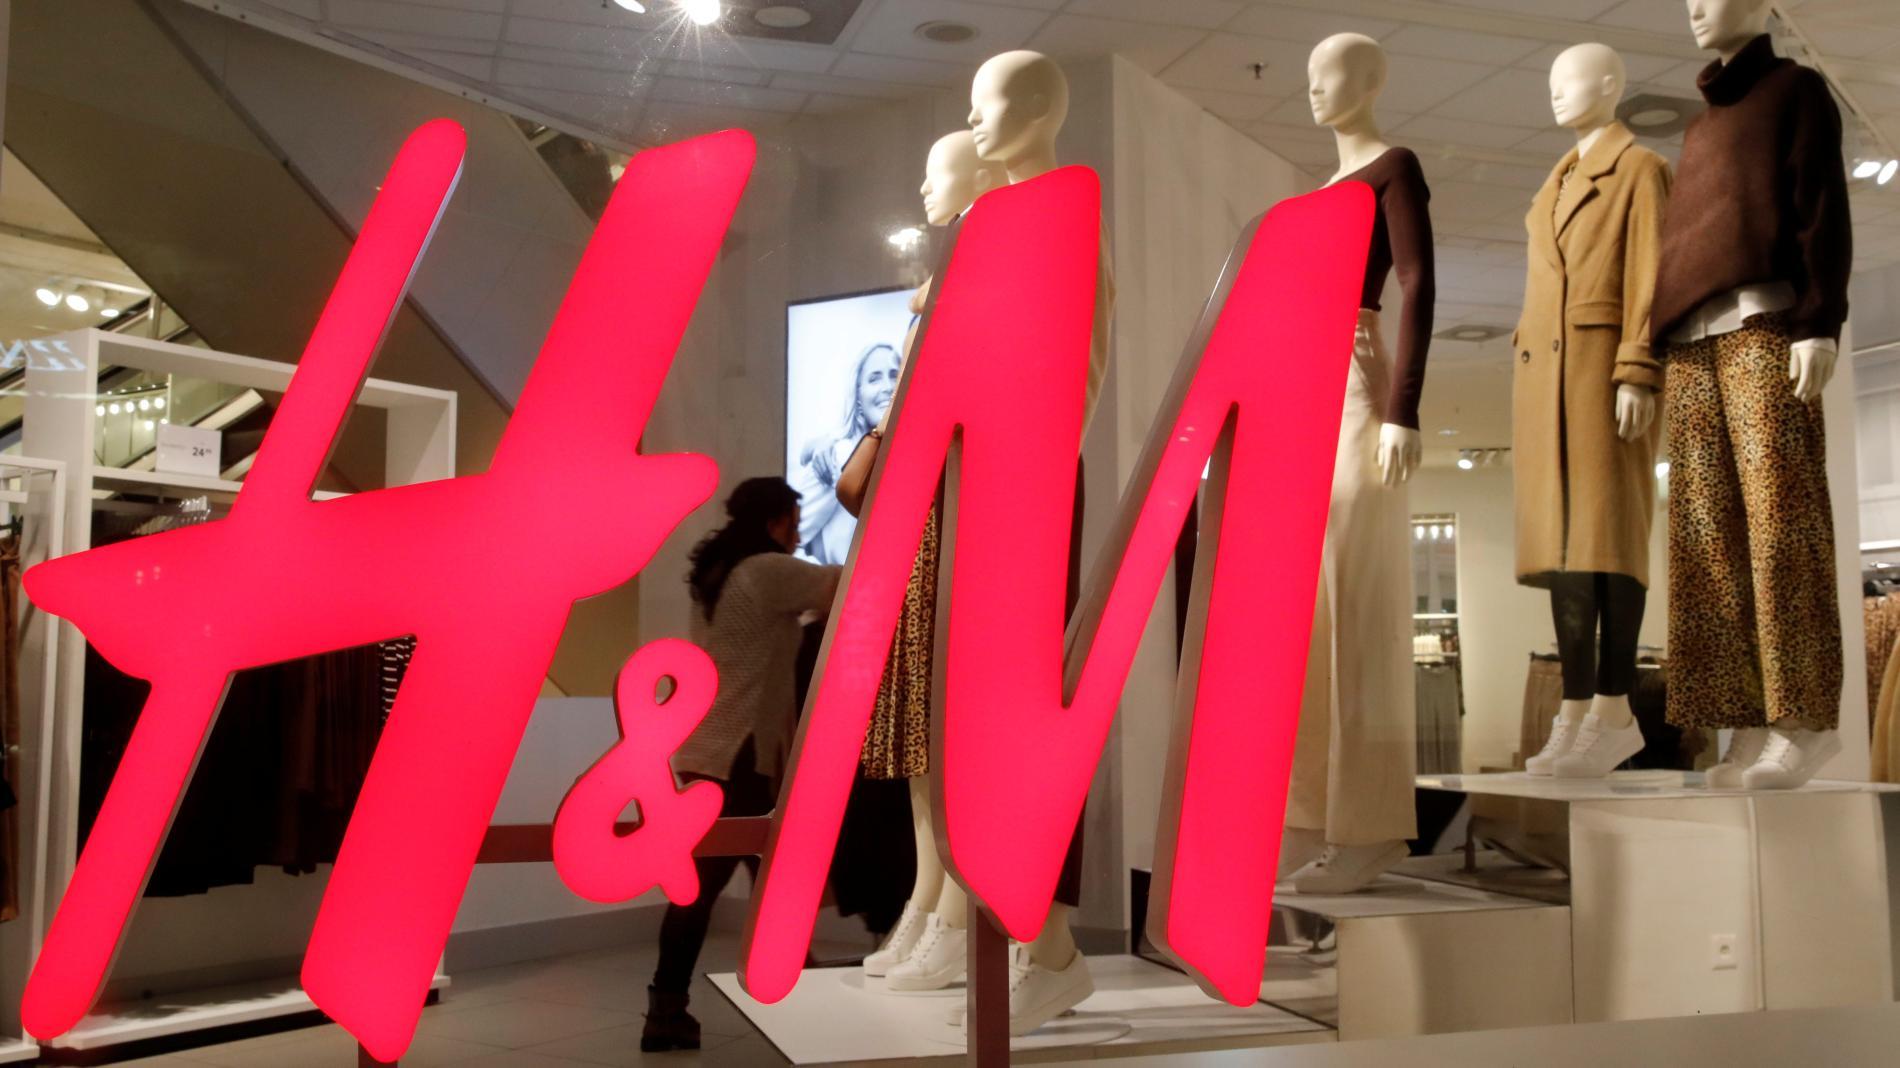 كود خصم اتش اند ام H&M أو كوبون خصم اتش اند ام إلى جانب كوبونات اتش اند ام أو اكواد خصم اتش اند ام حصرية الموفر